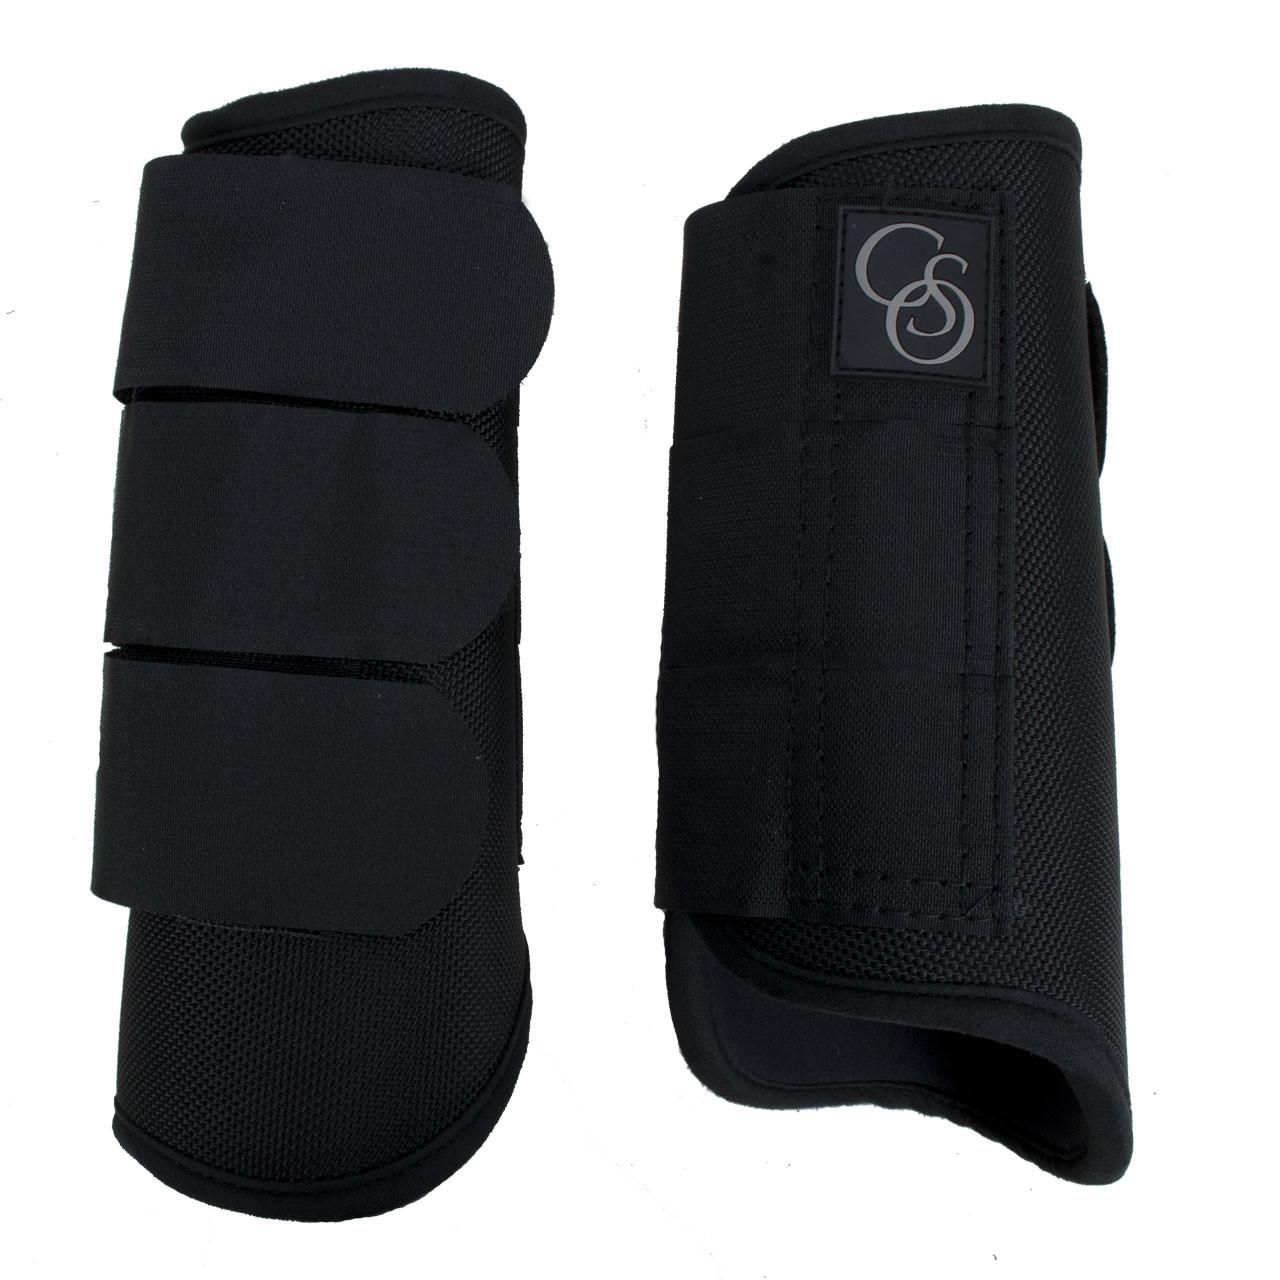 CSO 1680D peesbeschermer zwart maat:m